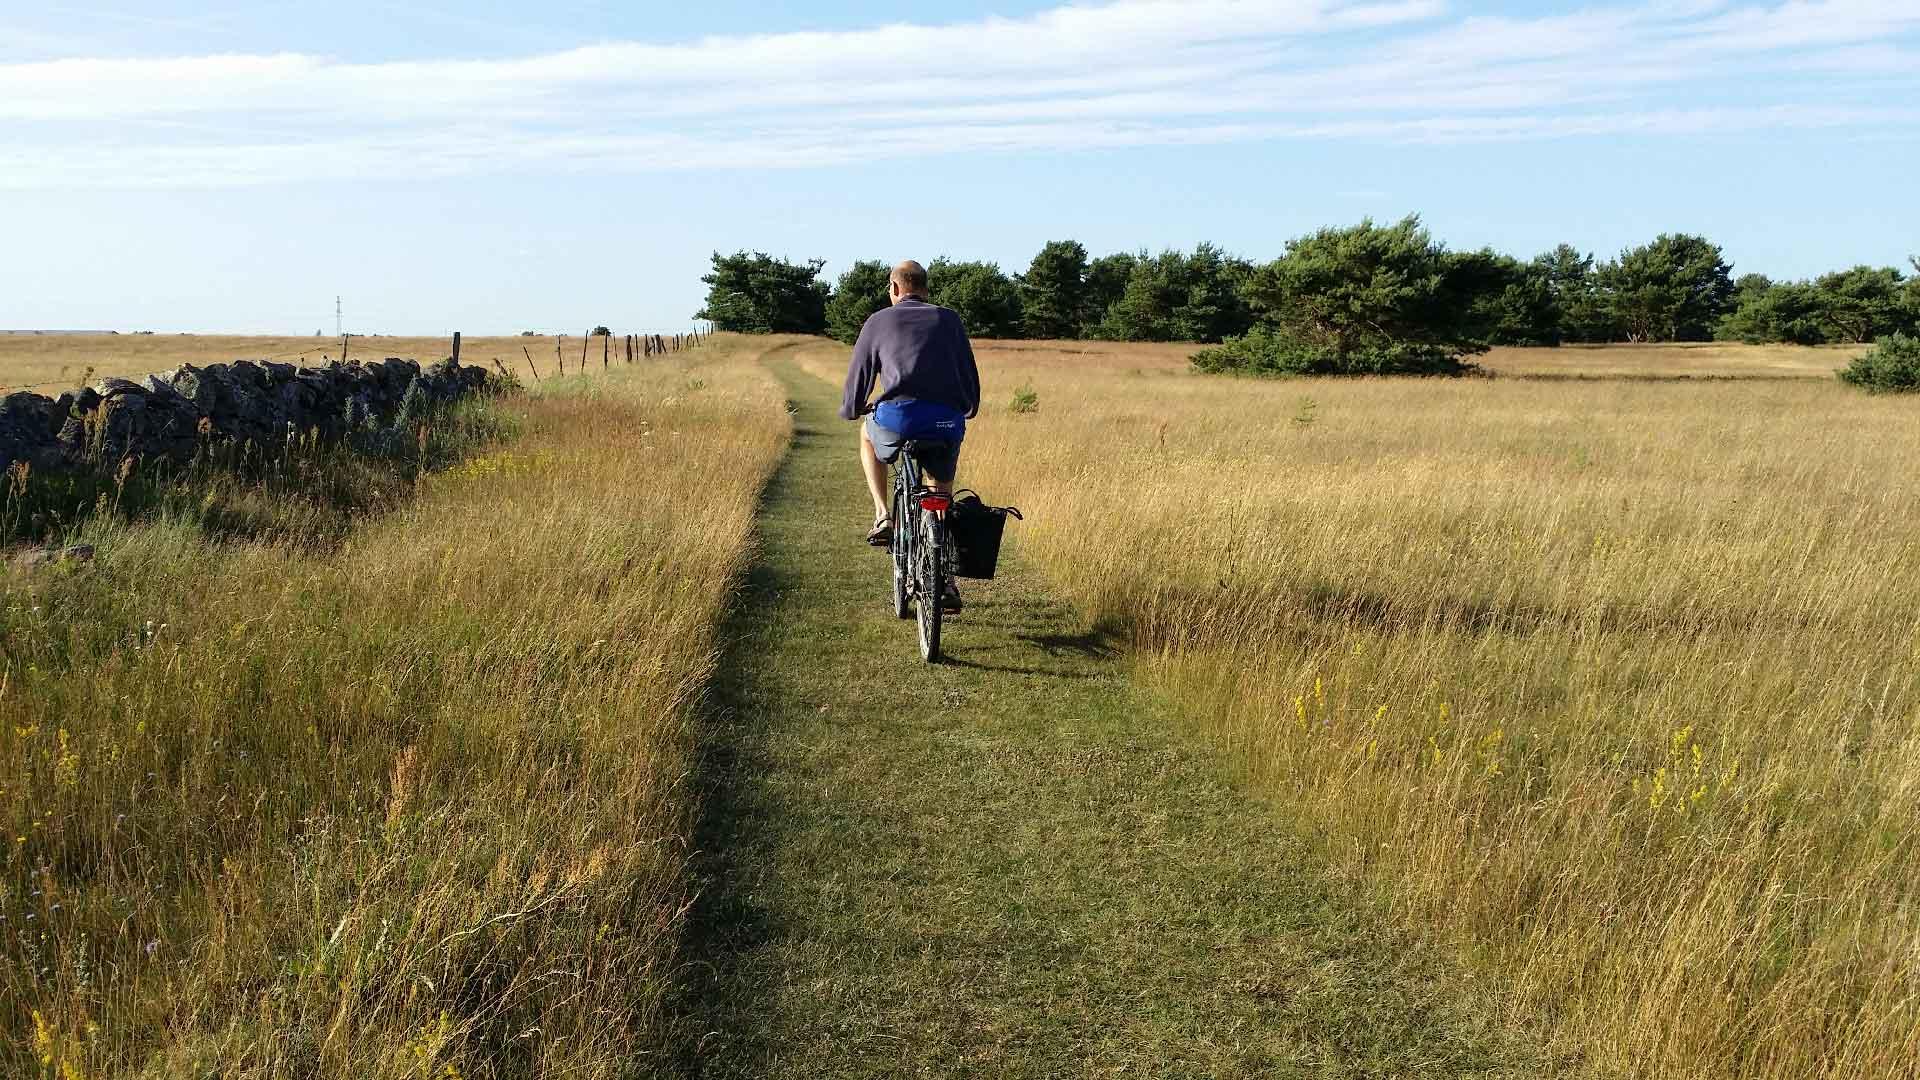 Cyklist på sånnarna. Foto: Karin Magntorn